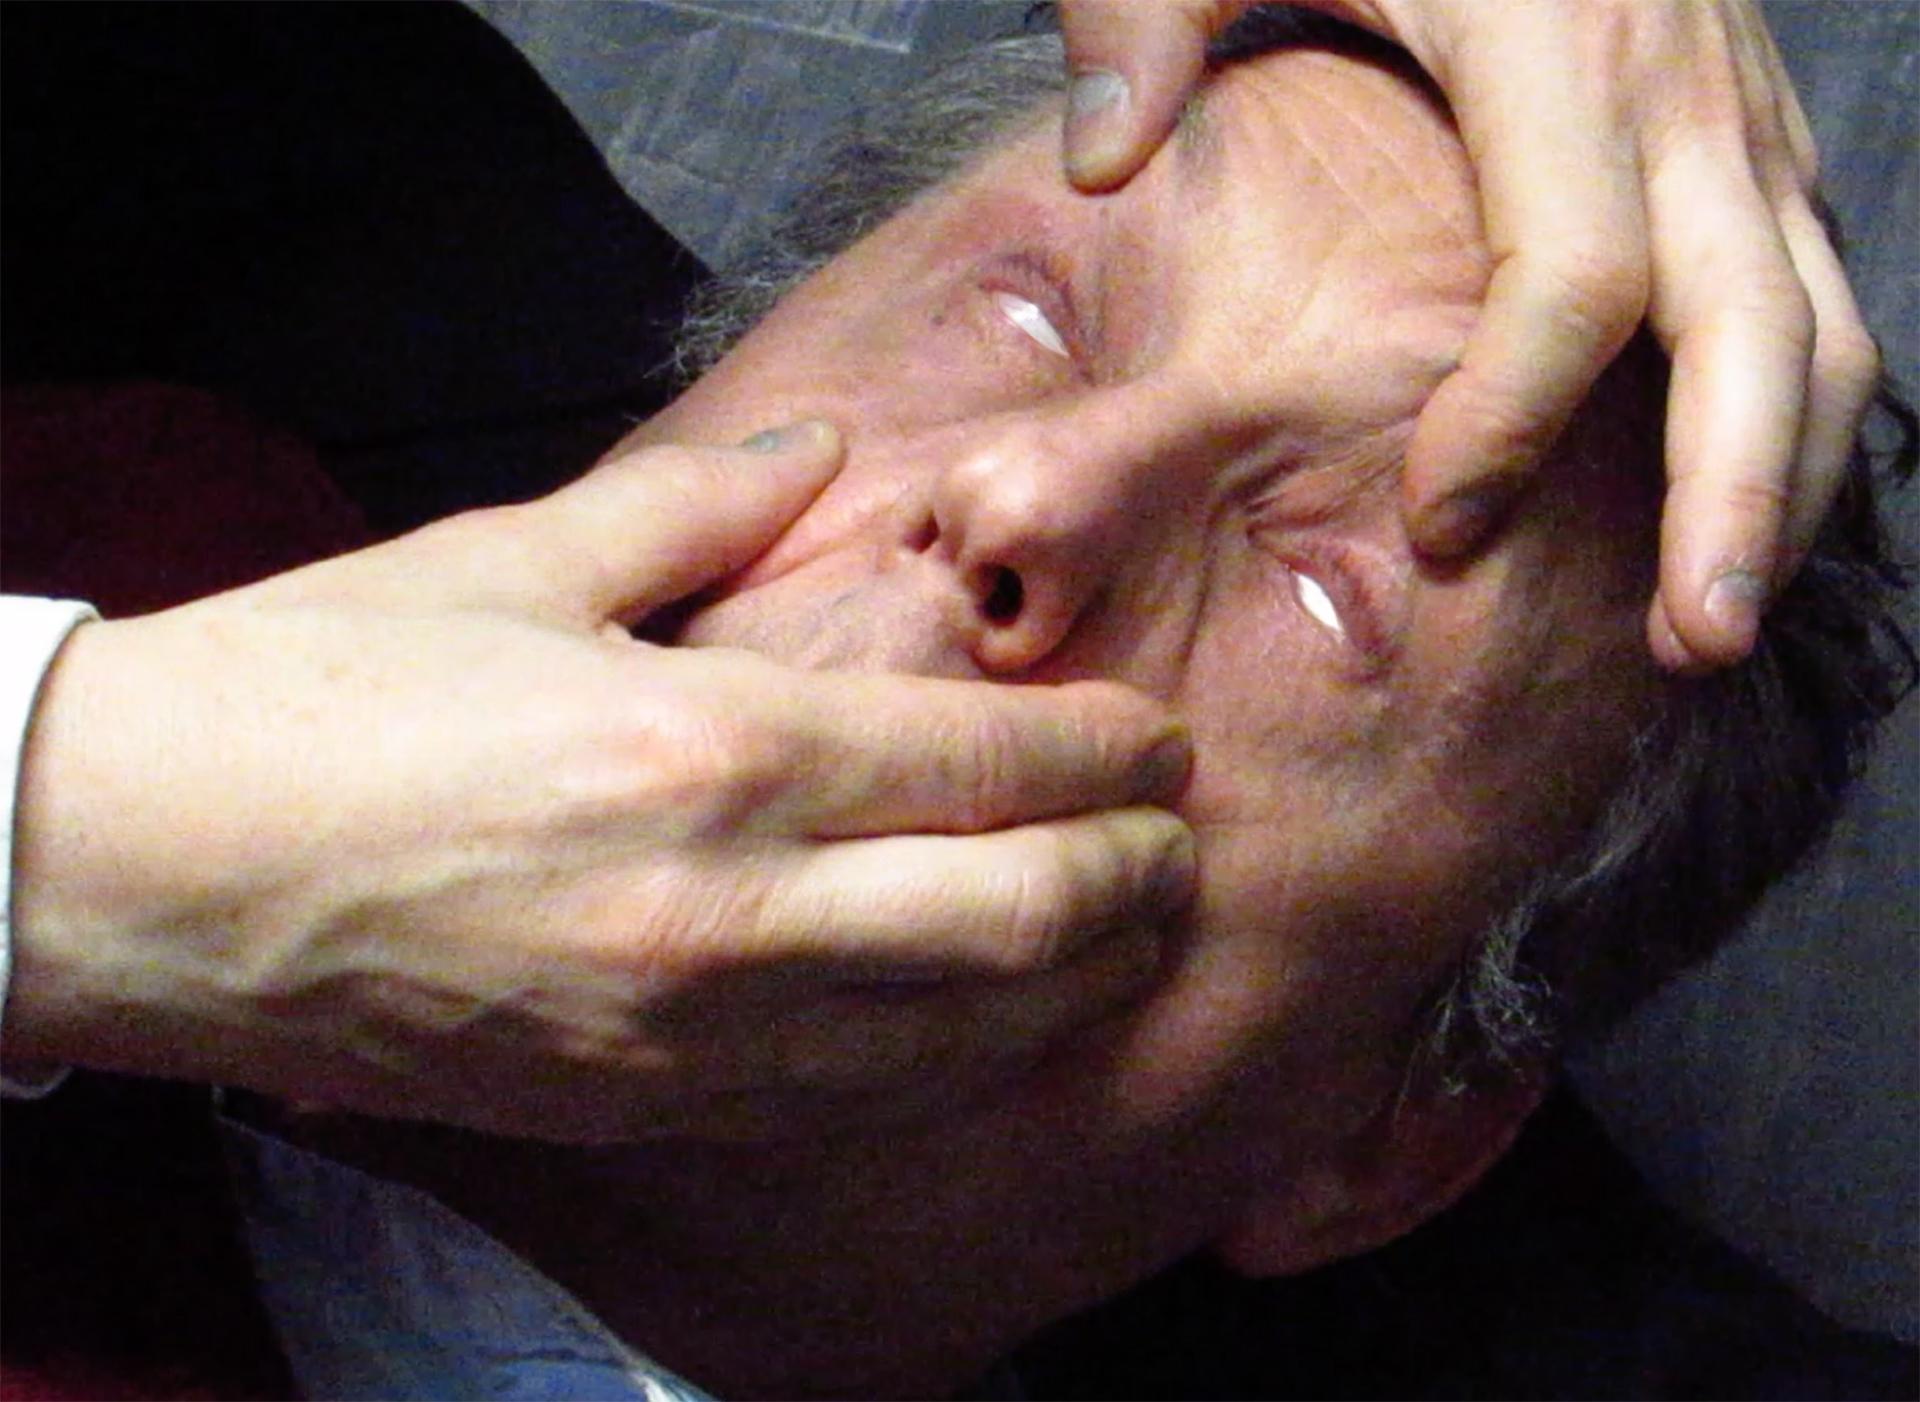 rotazione dei bulbi oculari in stato ipnosi